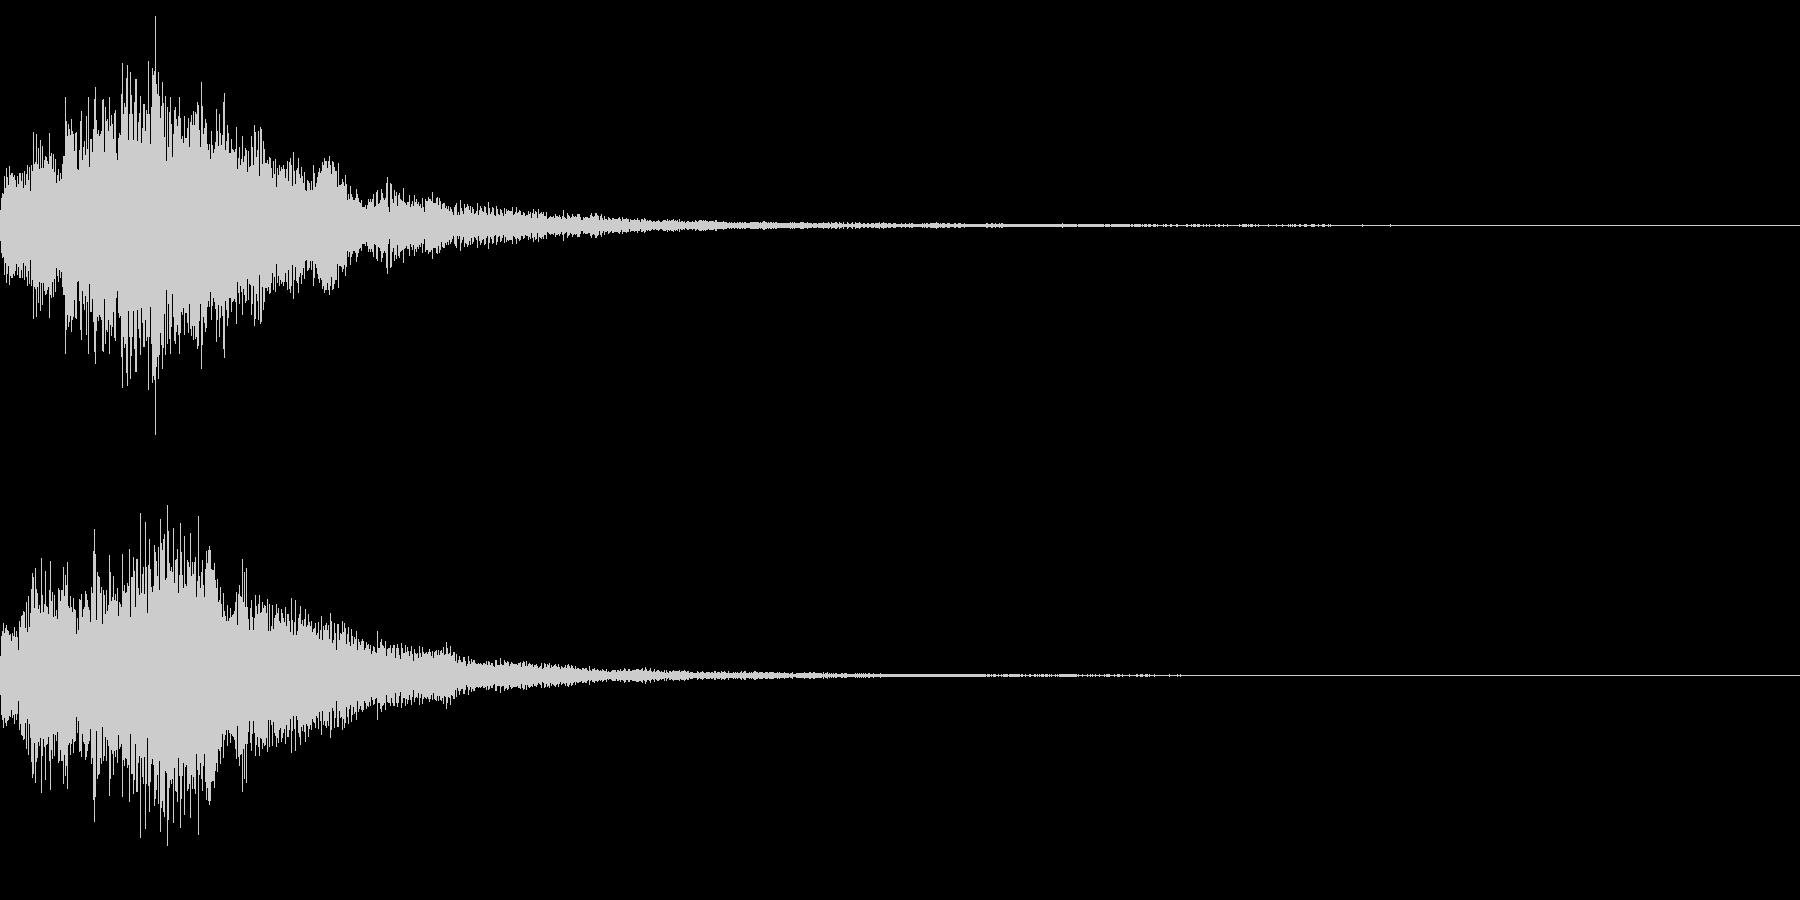 謎めいた音の未再生の波形